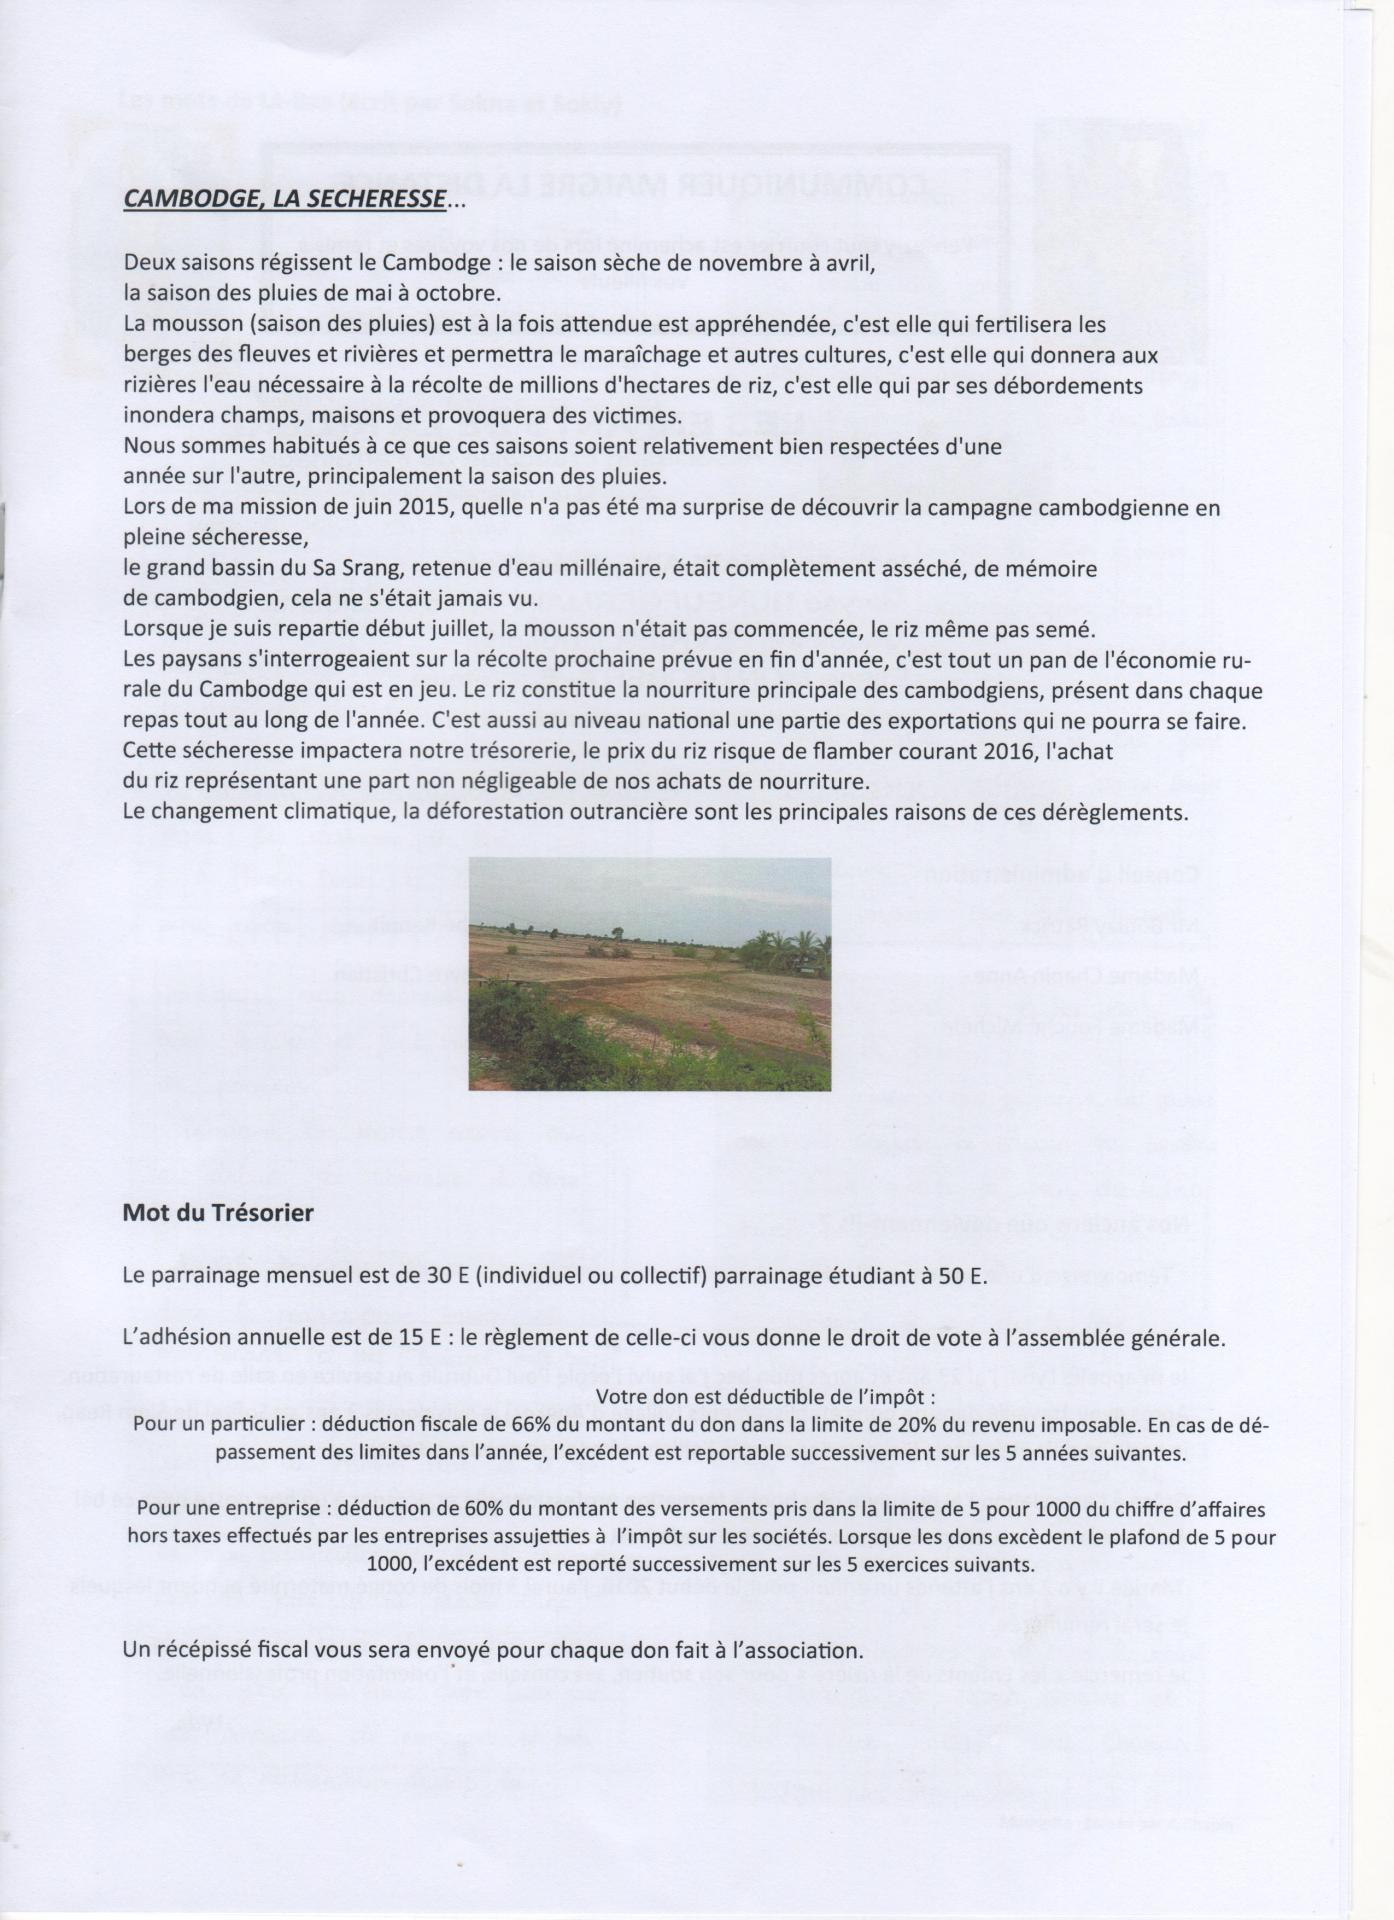 Image 4 1